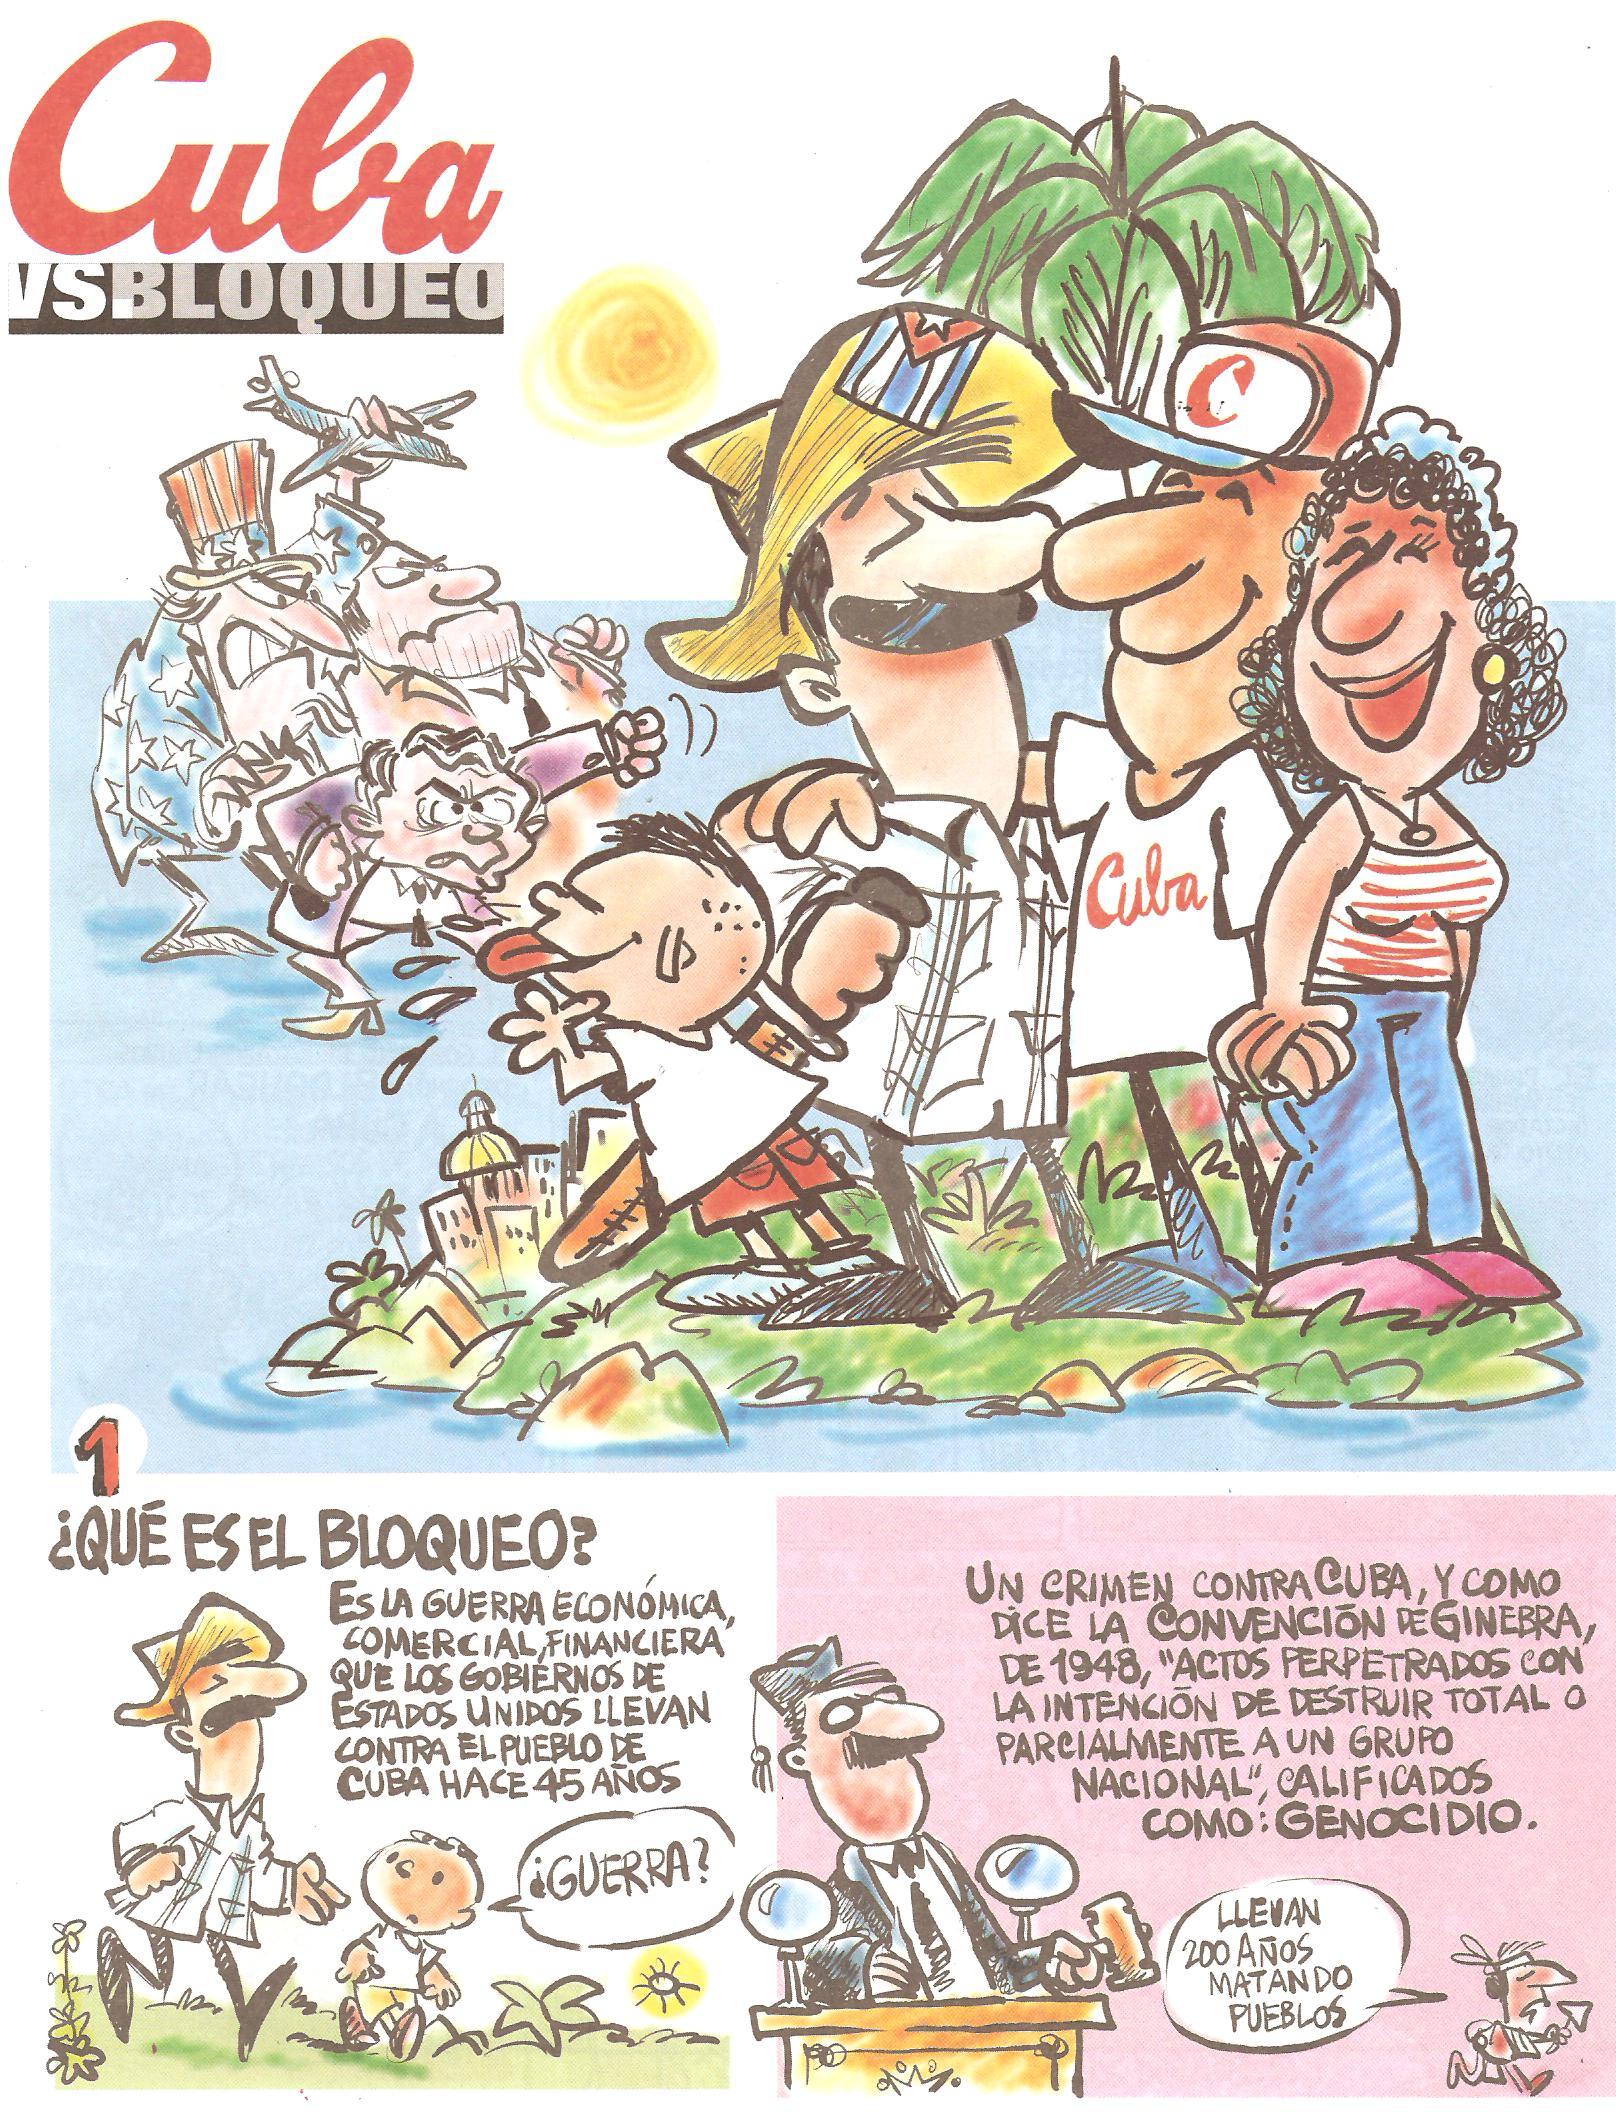 Què és el bloqueig dels EUA contra Cuba? Explicació fàcil de comprendre.